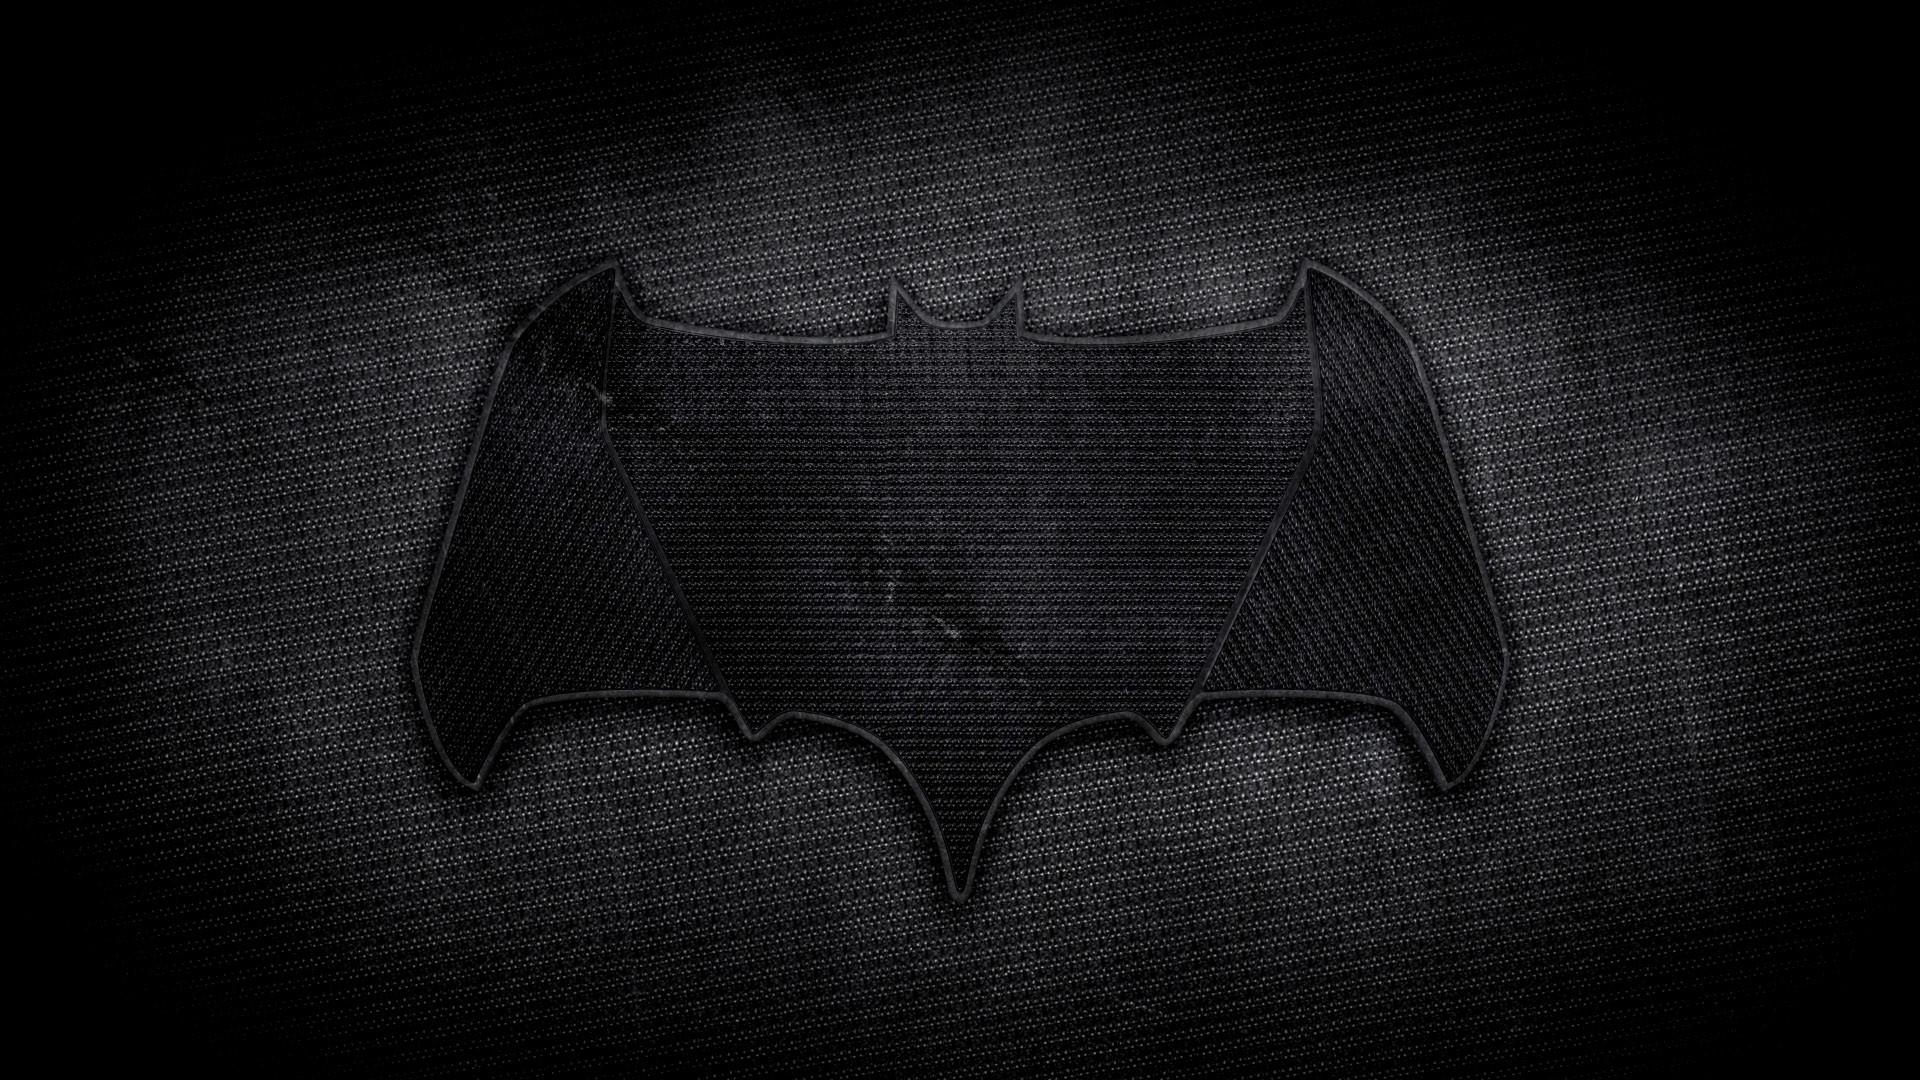 Batman Symbol Wallpaper 1